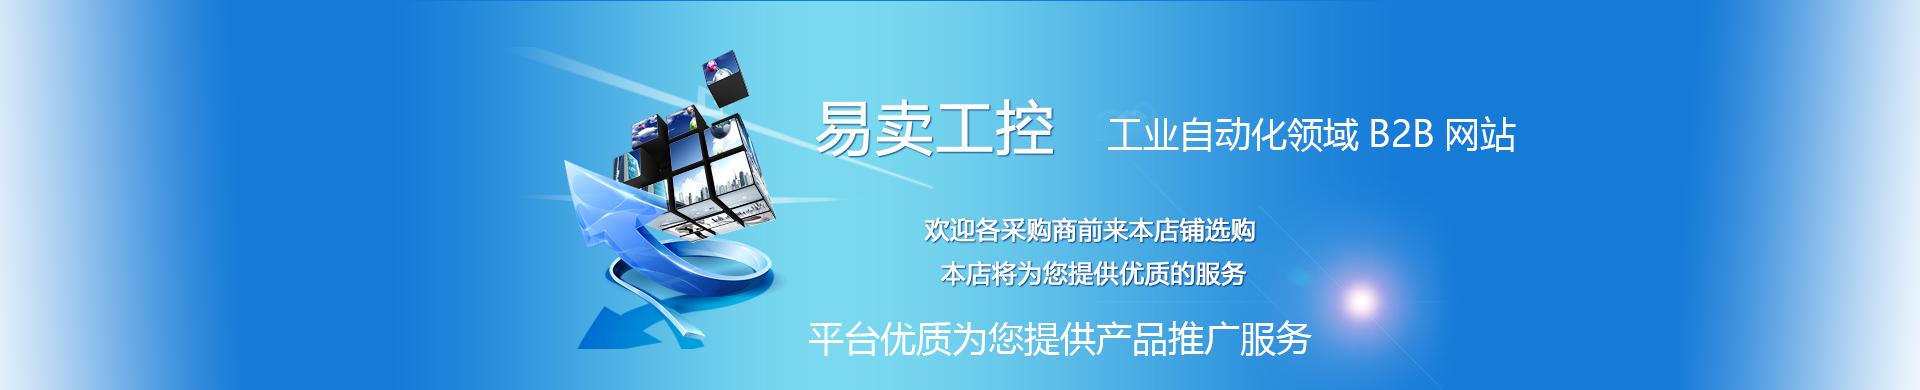 深圳长欣电子设备